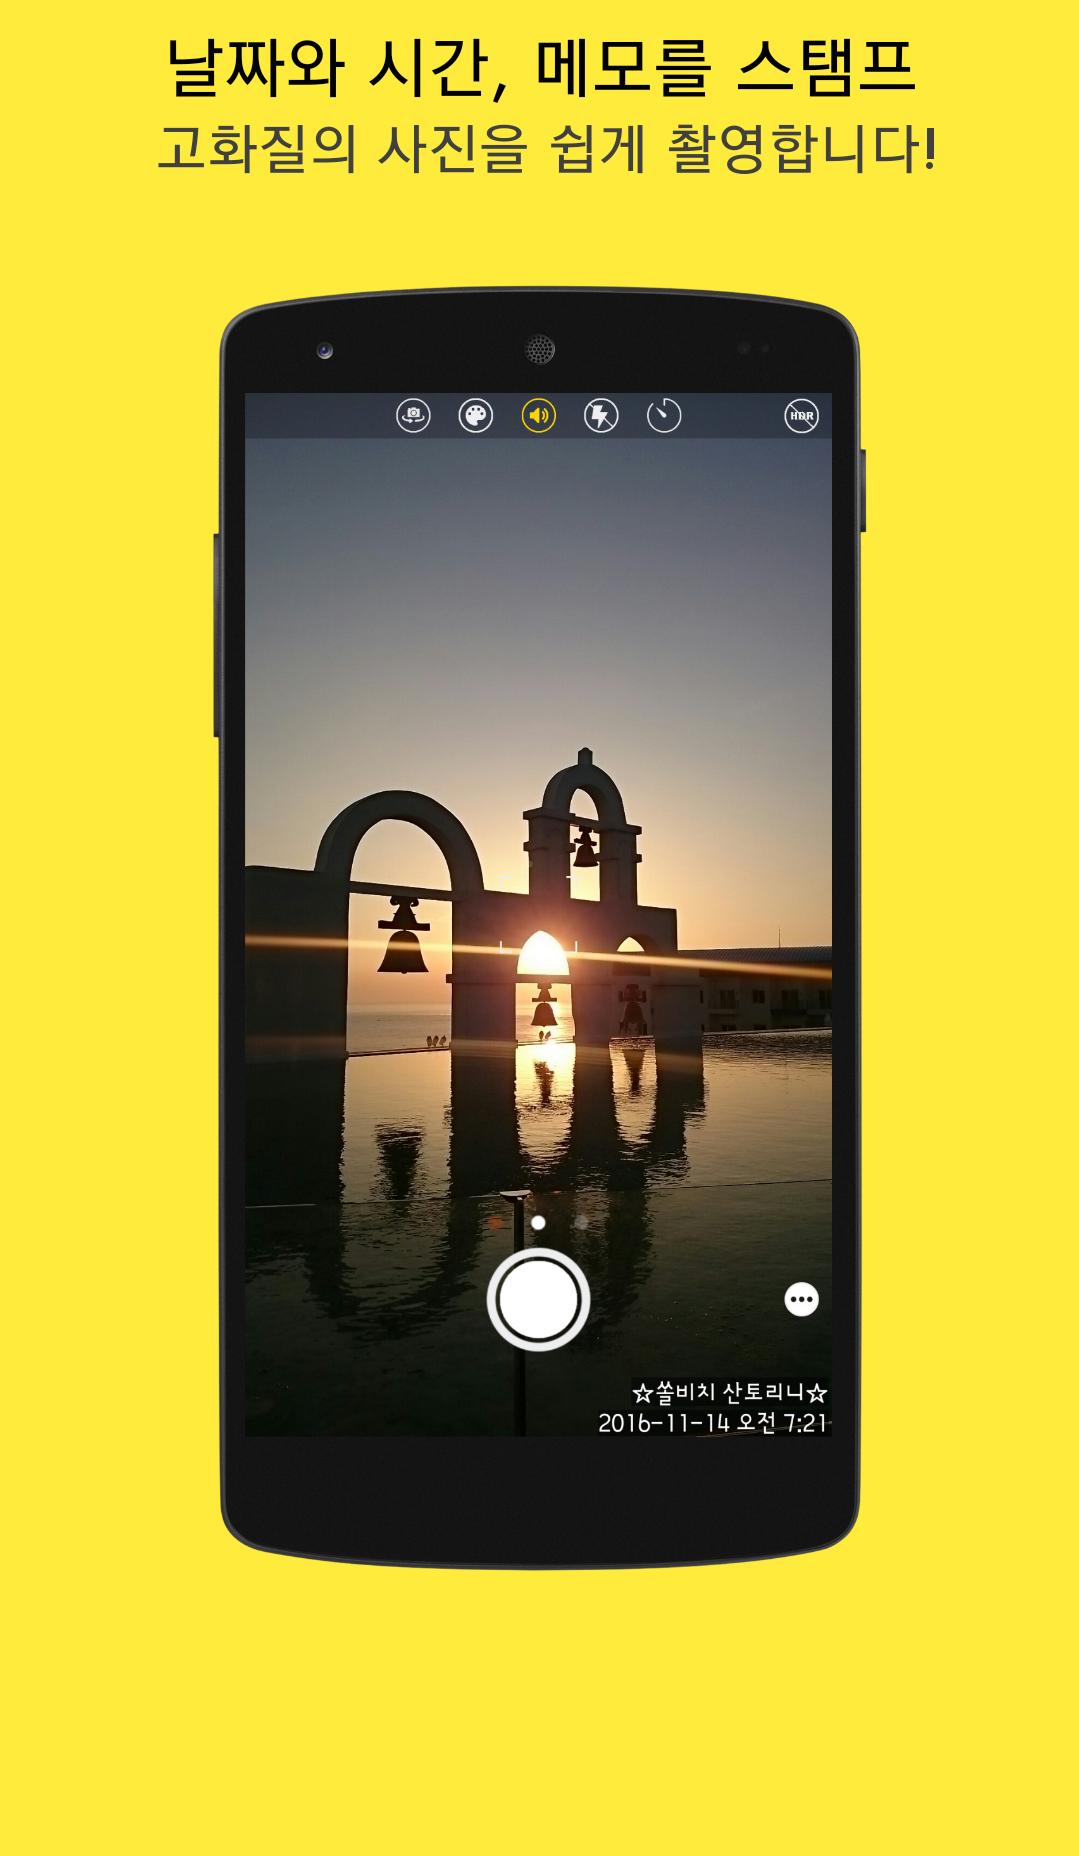 SnapTime : 무음ㆍ스퀘어ㆍ스탬프 카메라